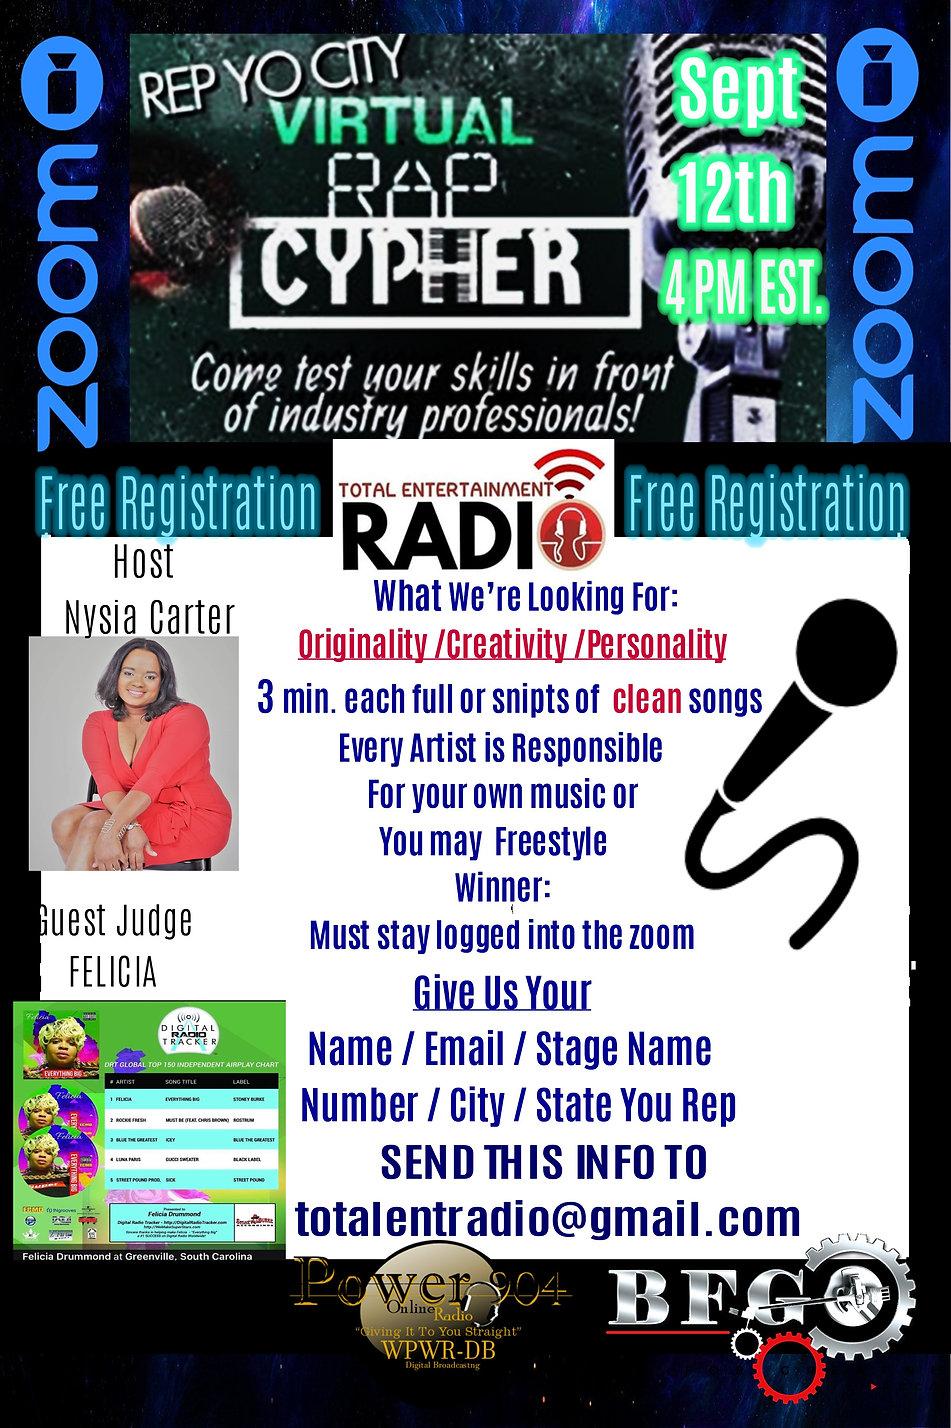 cypher flyer abbb.jpg